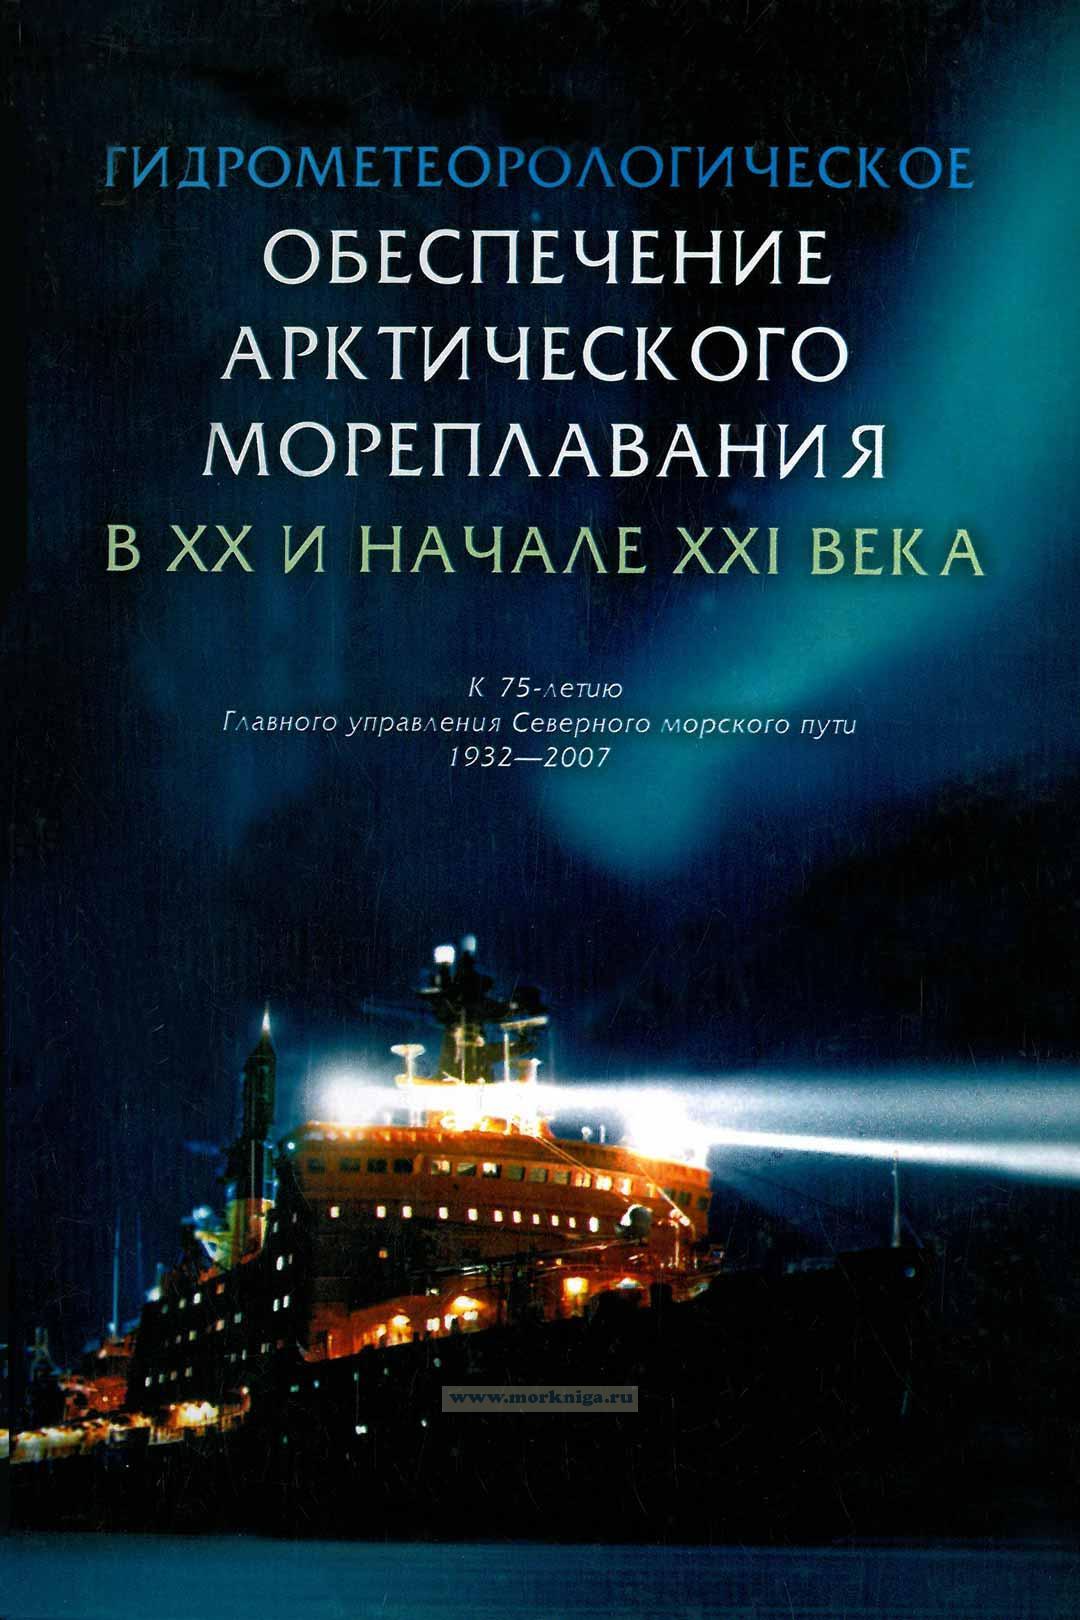 Гидрометеорологическое обеспечение арктического мореплавания в XX и начале XXI века